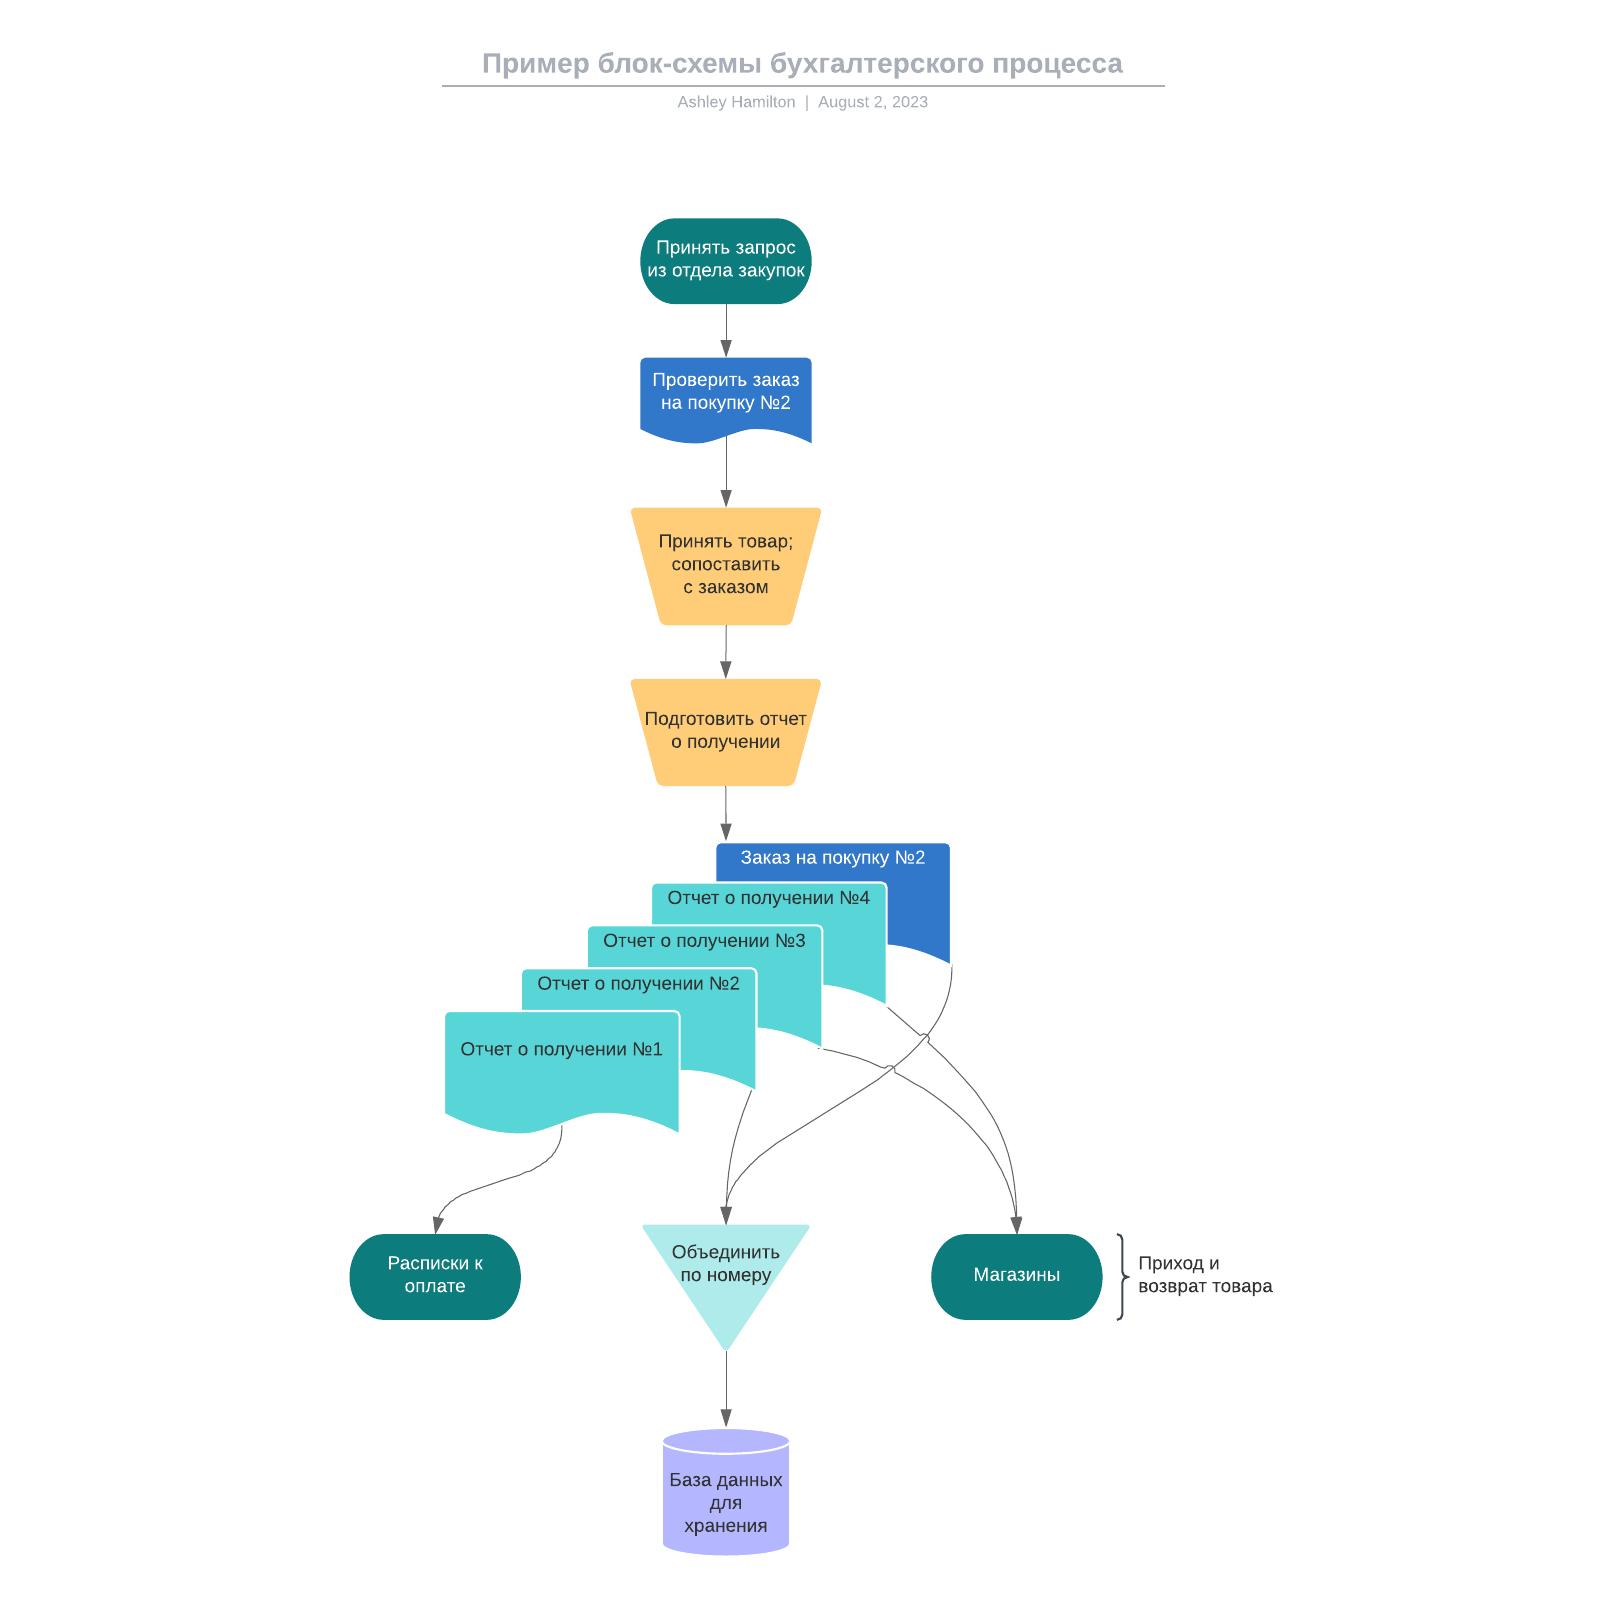 Пример блок-схемы бухгалтерского процесса